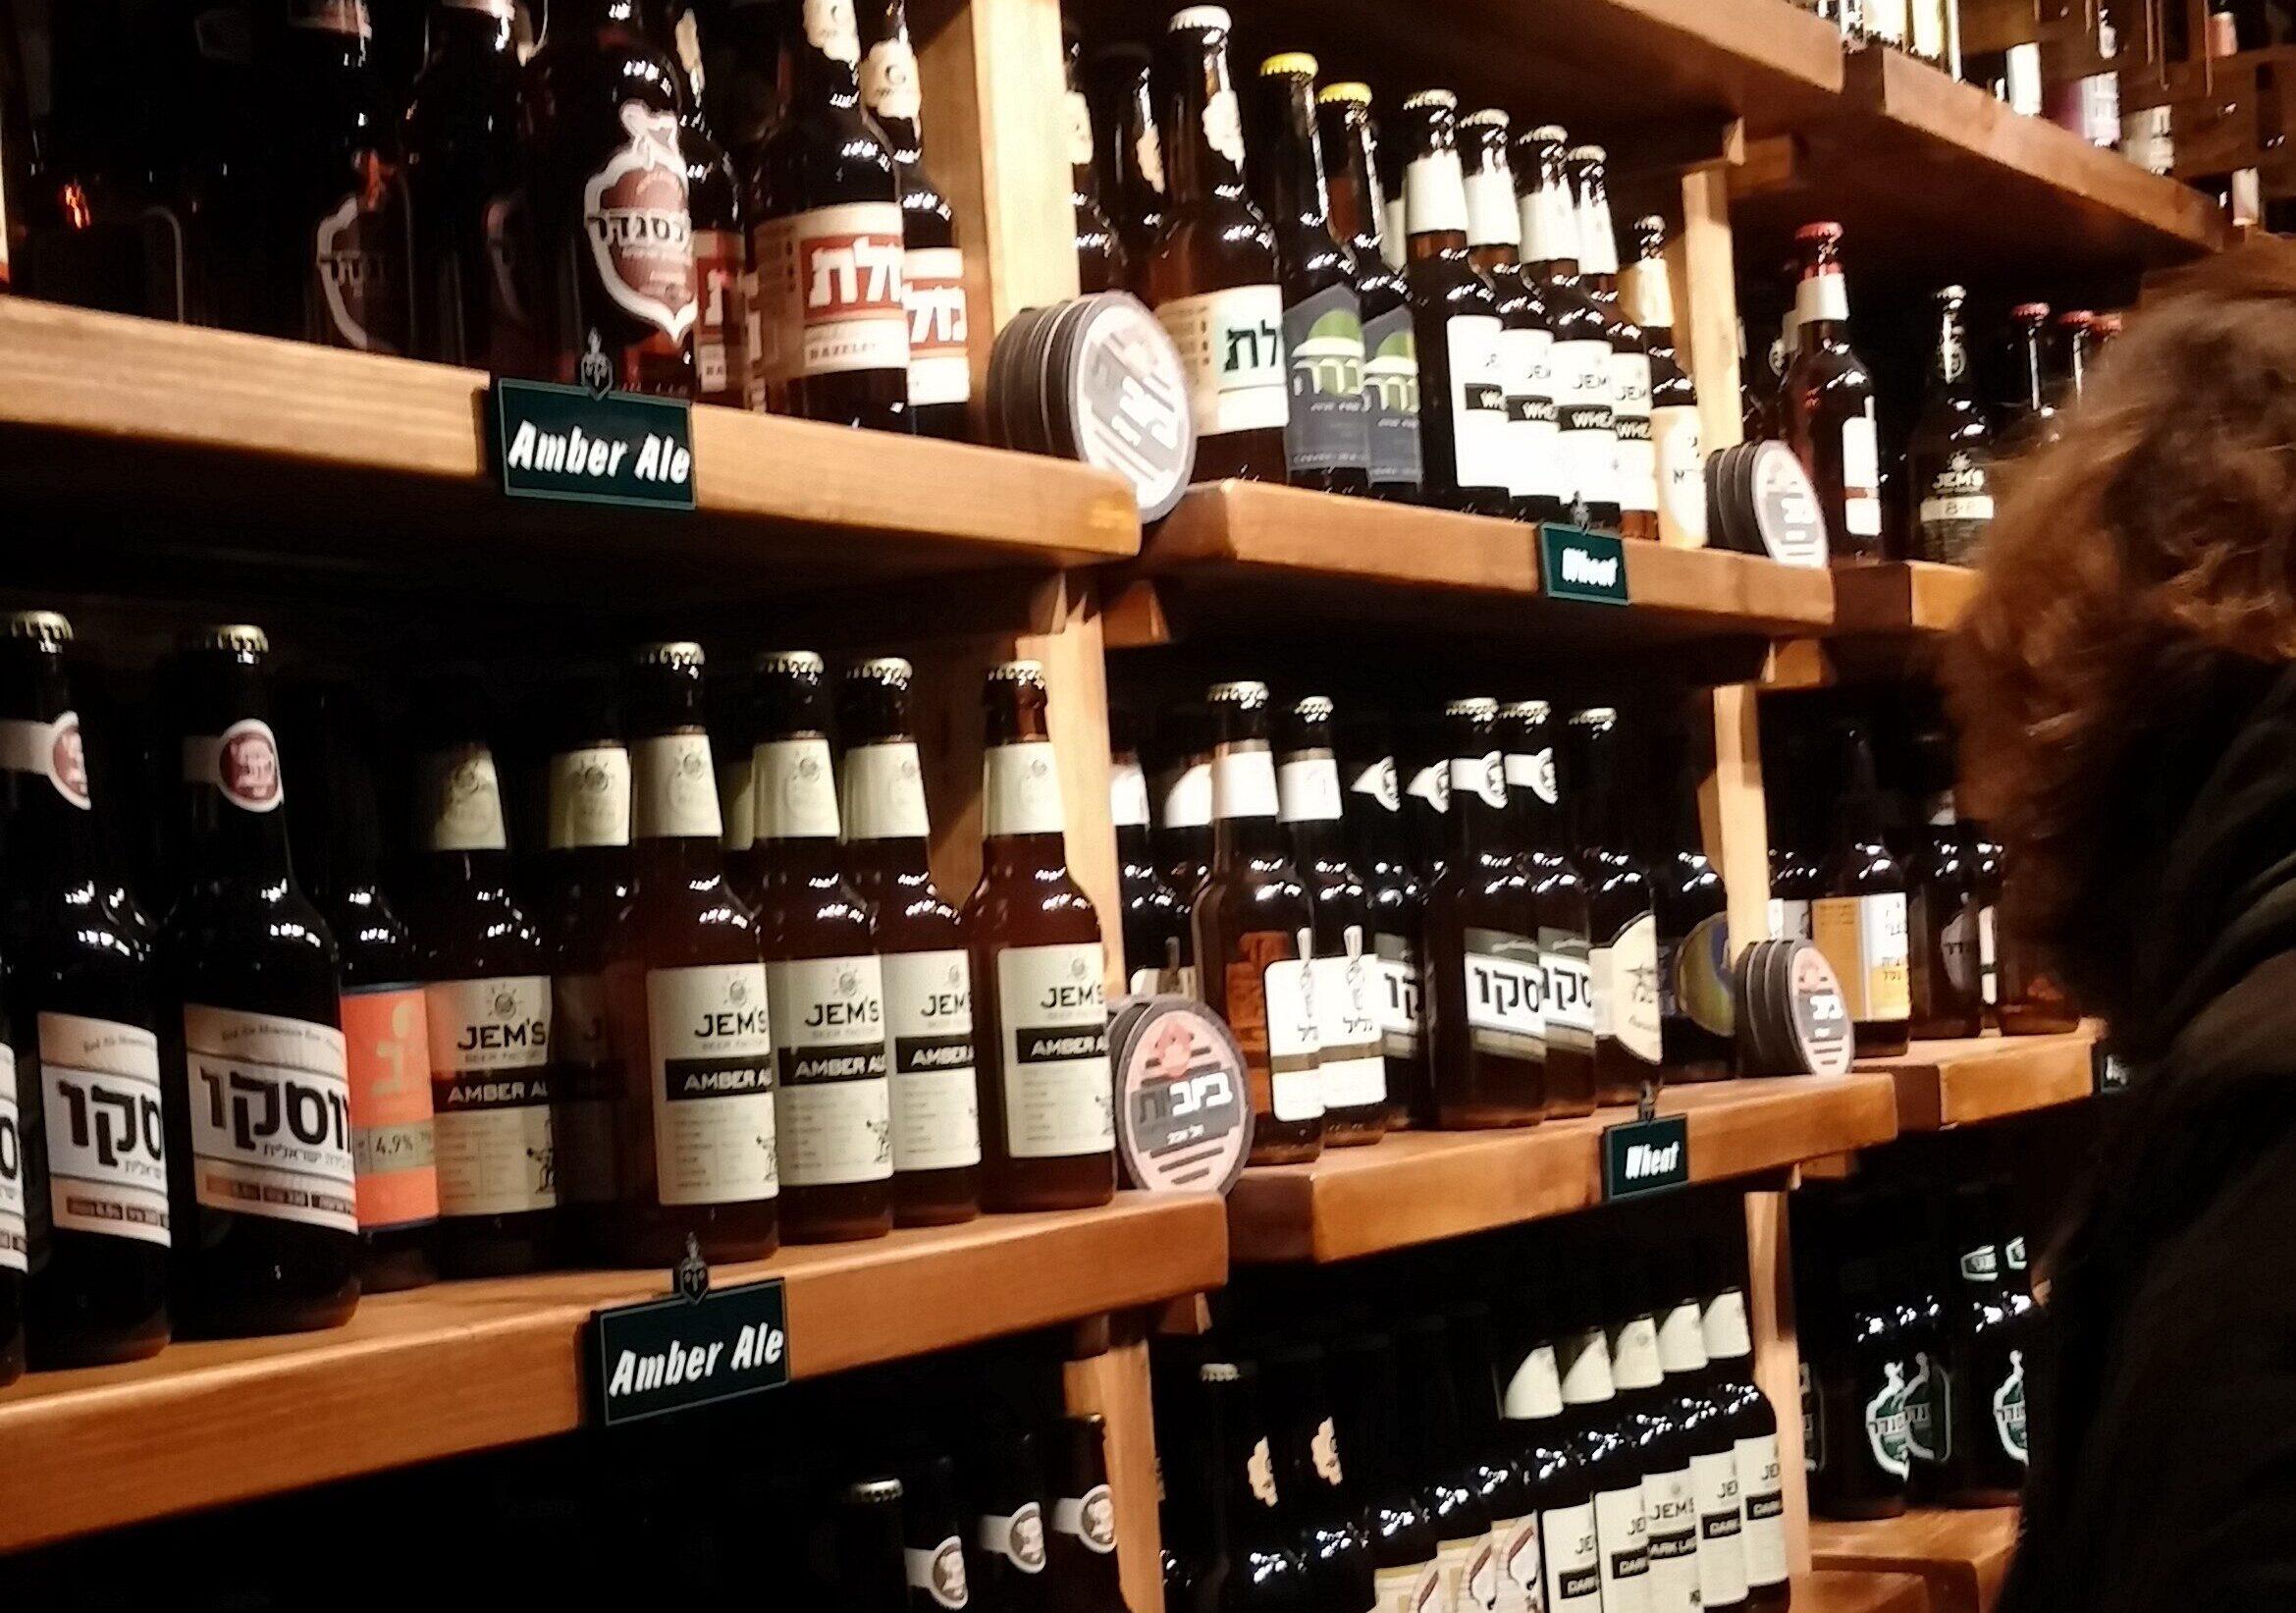 Wall of bottles of Israel Beer